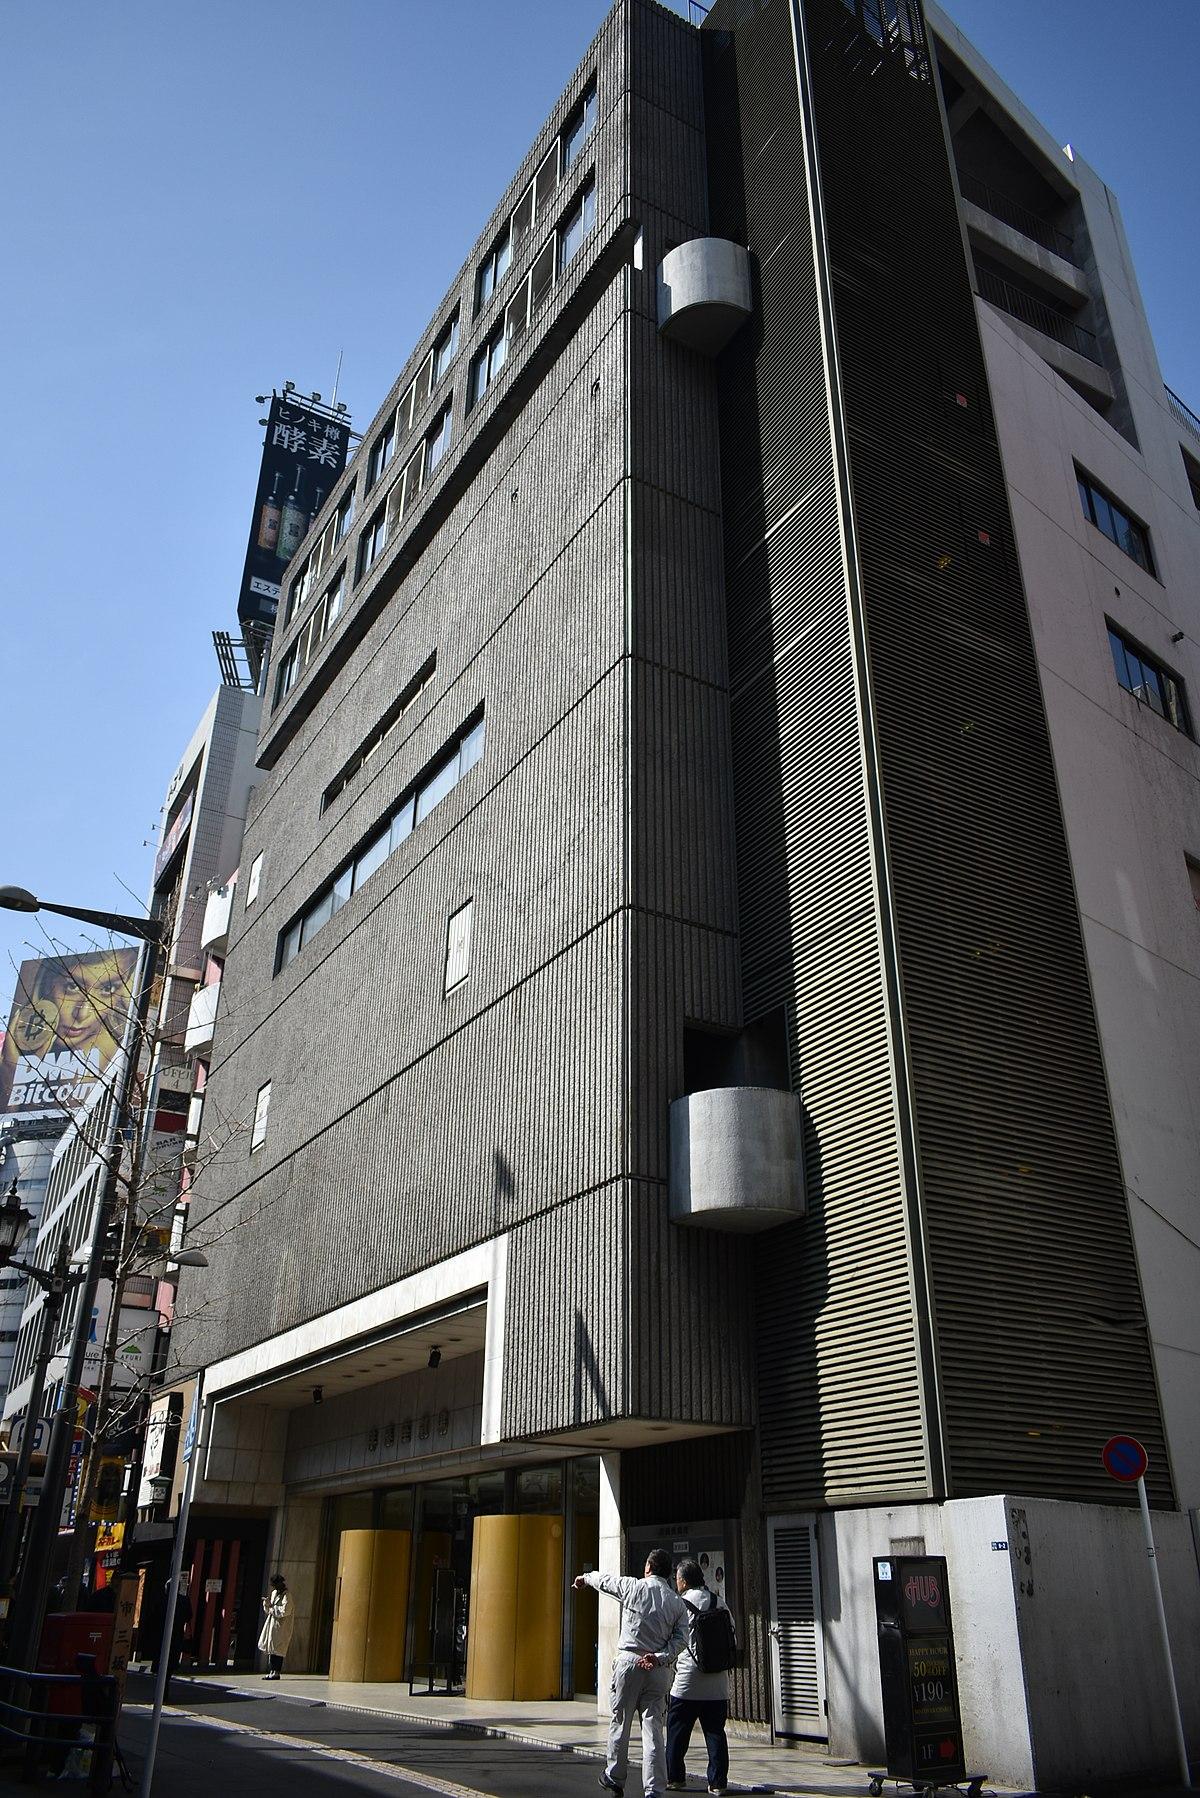 俳優座劇場 - Wikipedia